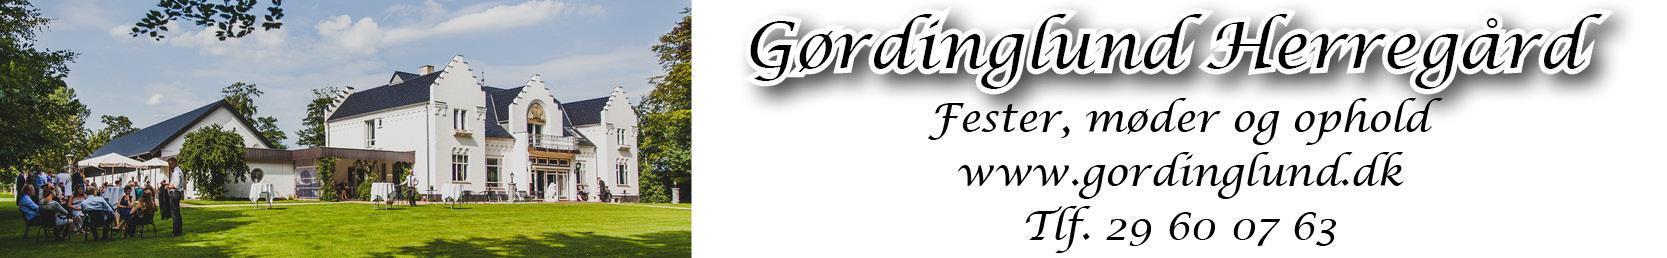 Reference - Gørdinglund Herregård